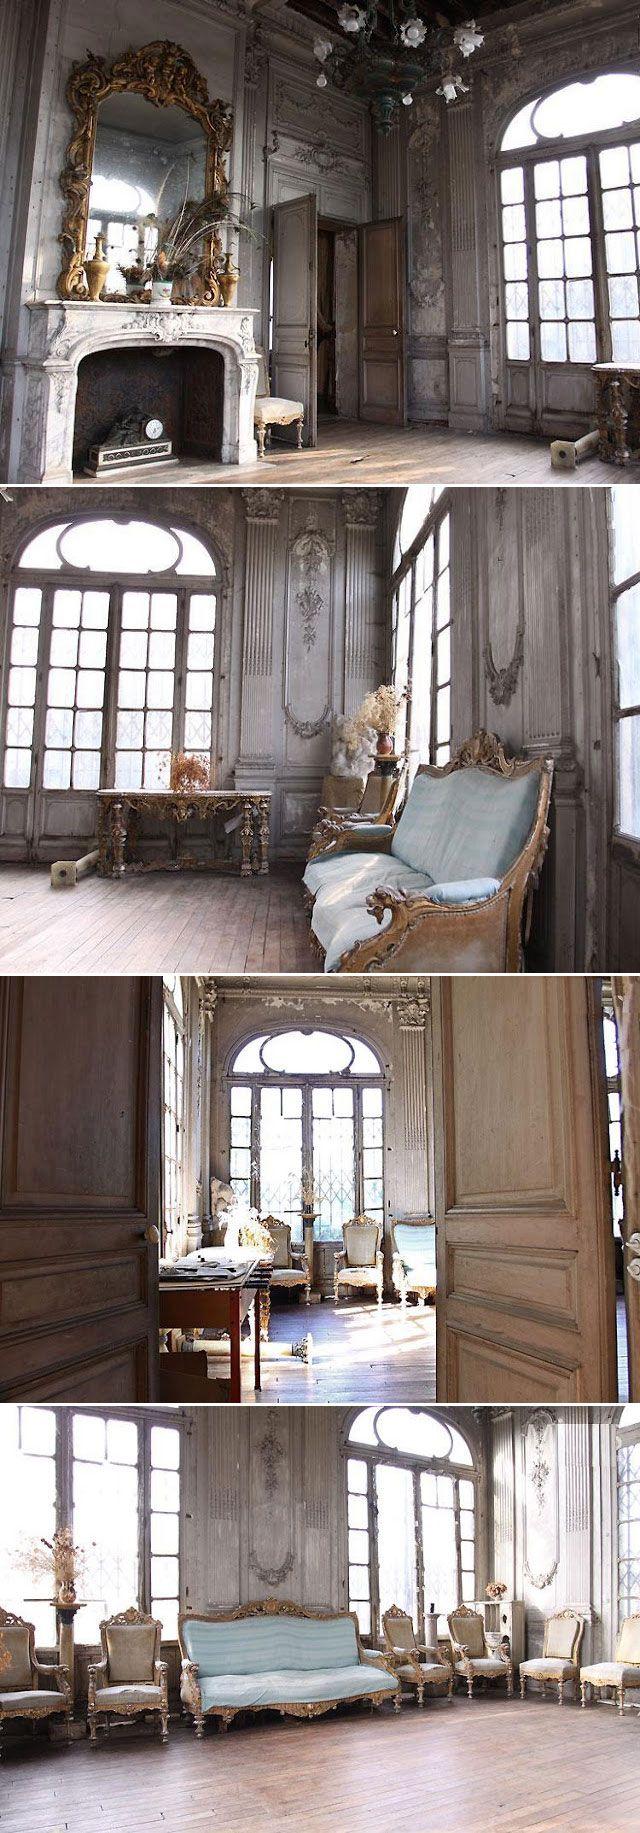 château XVIIIème